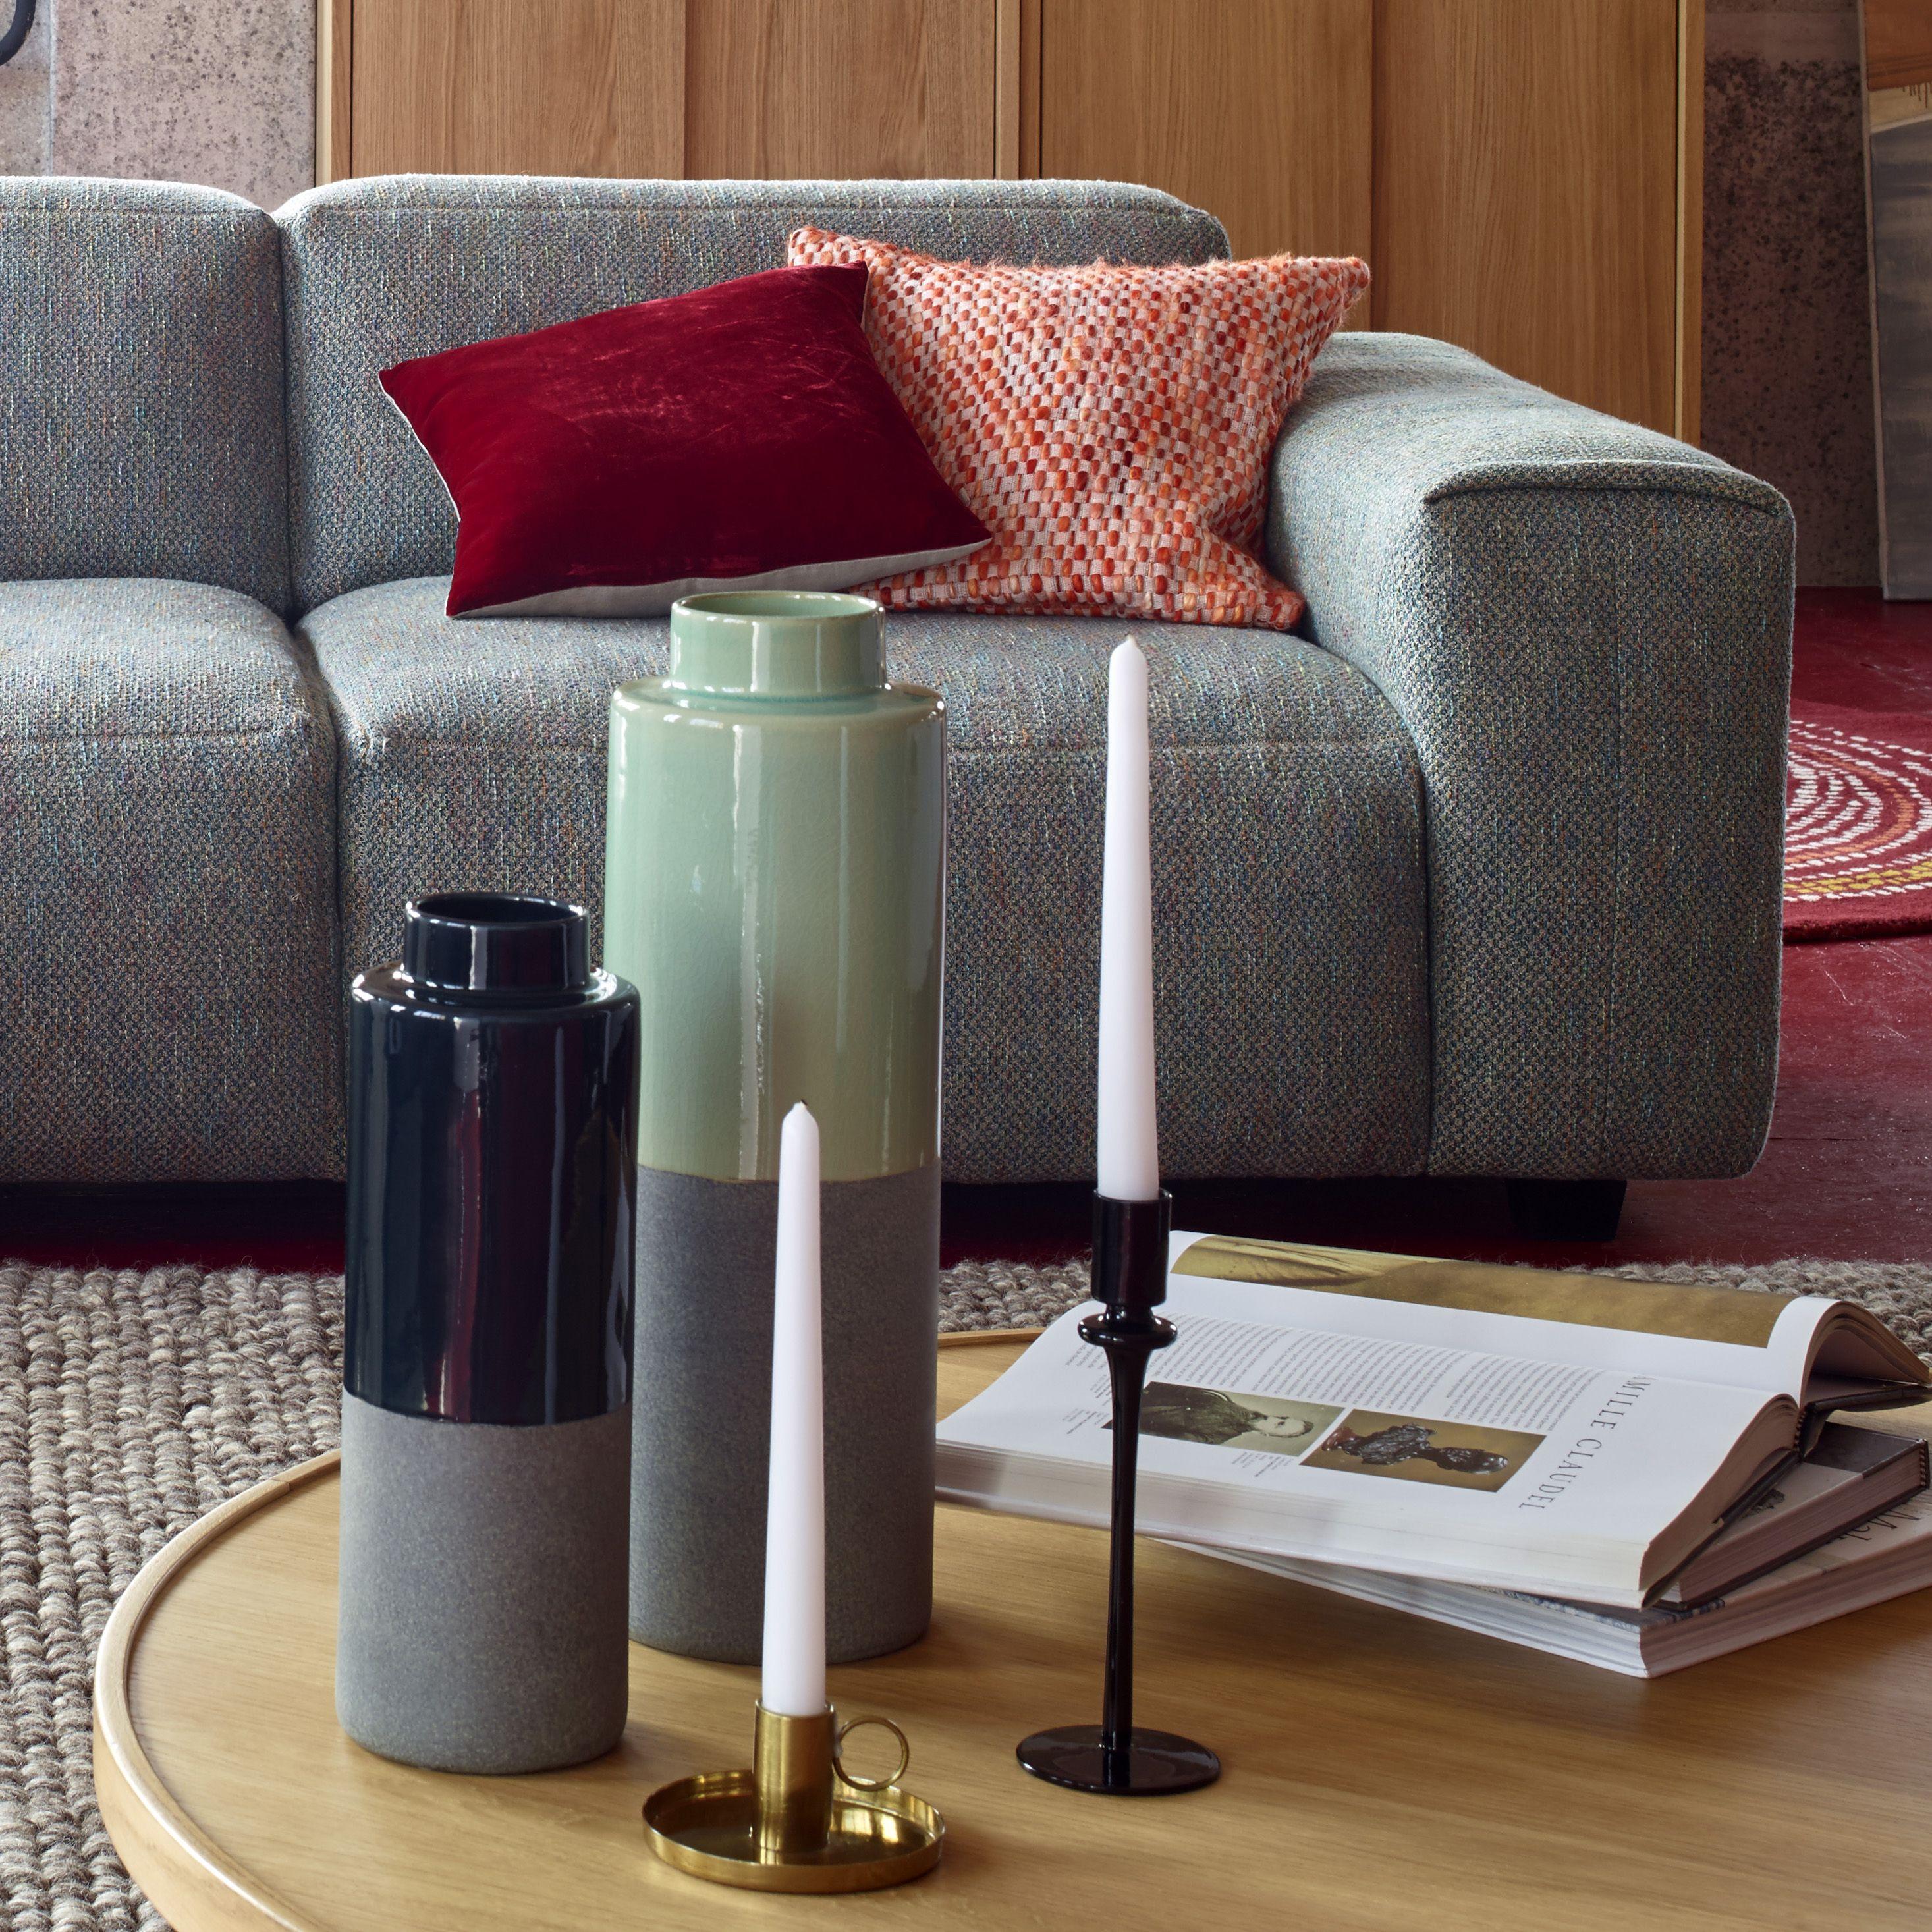 Habitat Design De Nombreux Vases A Decouvrir Sur Habitat Fr Pour Decorer Votre Interieur Interior Habitats Inspiration